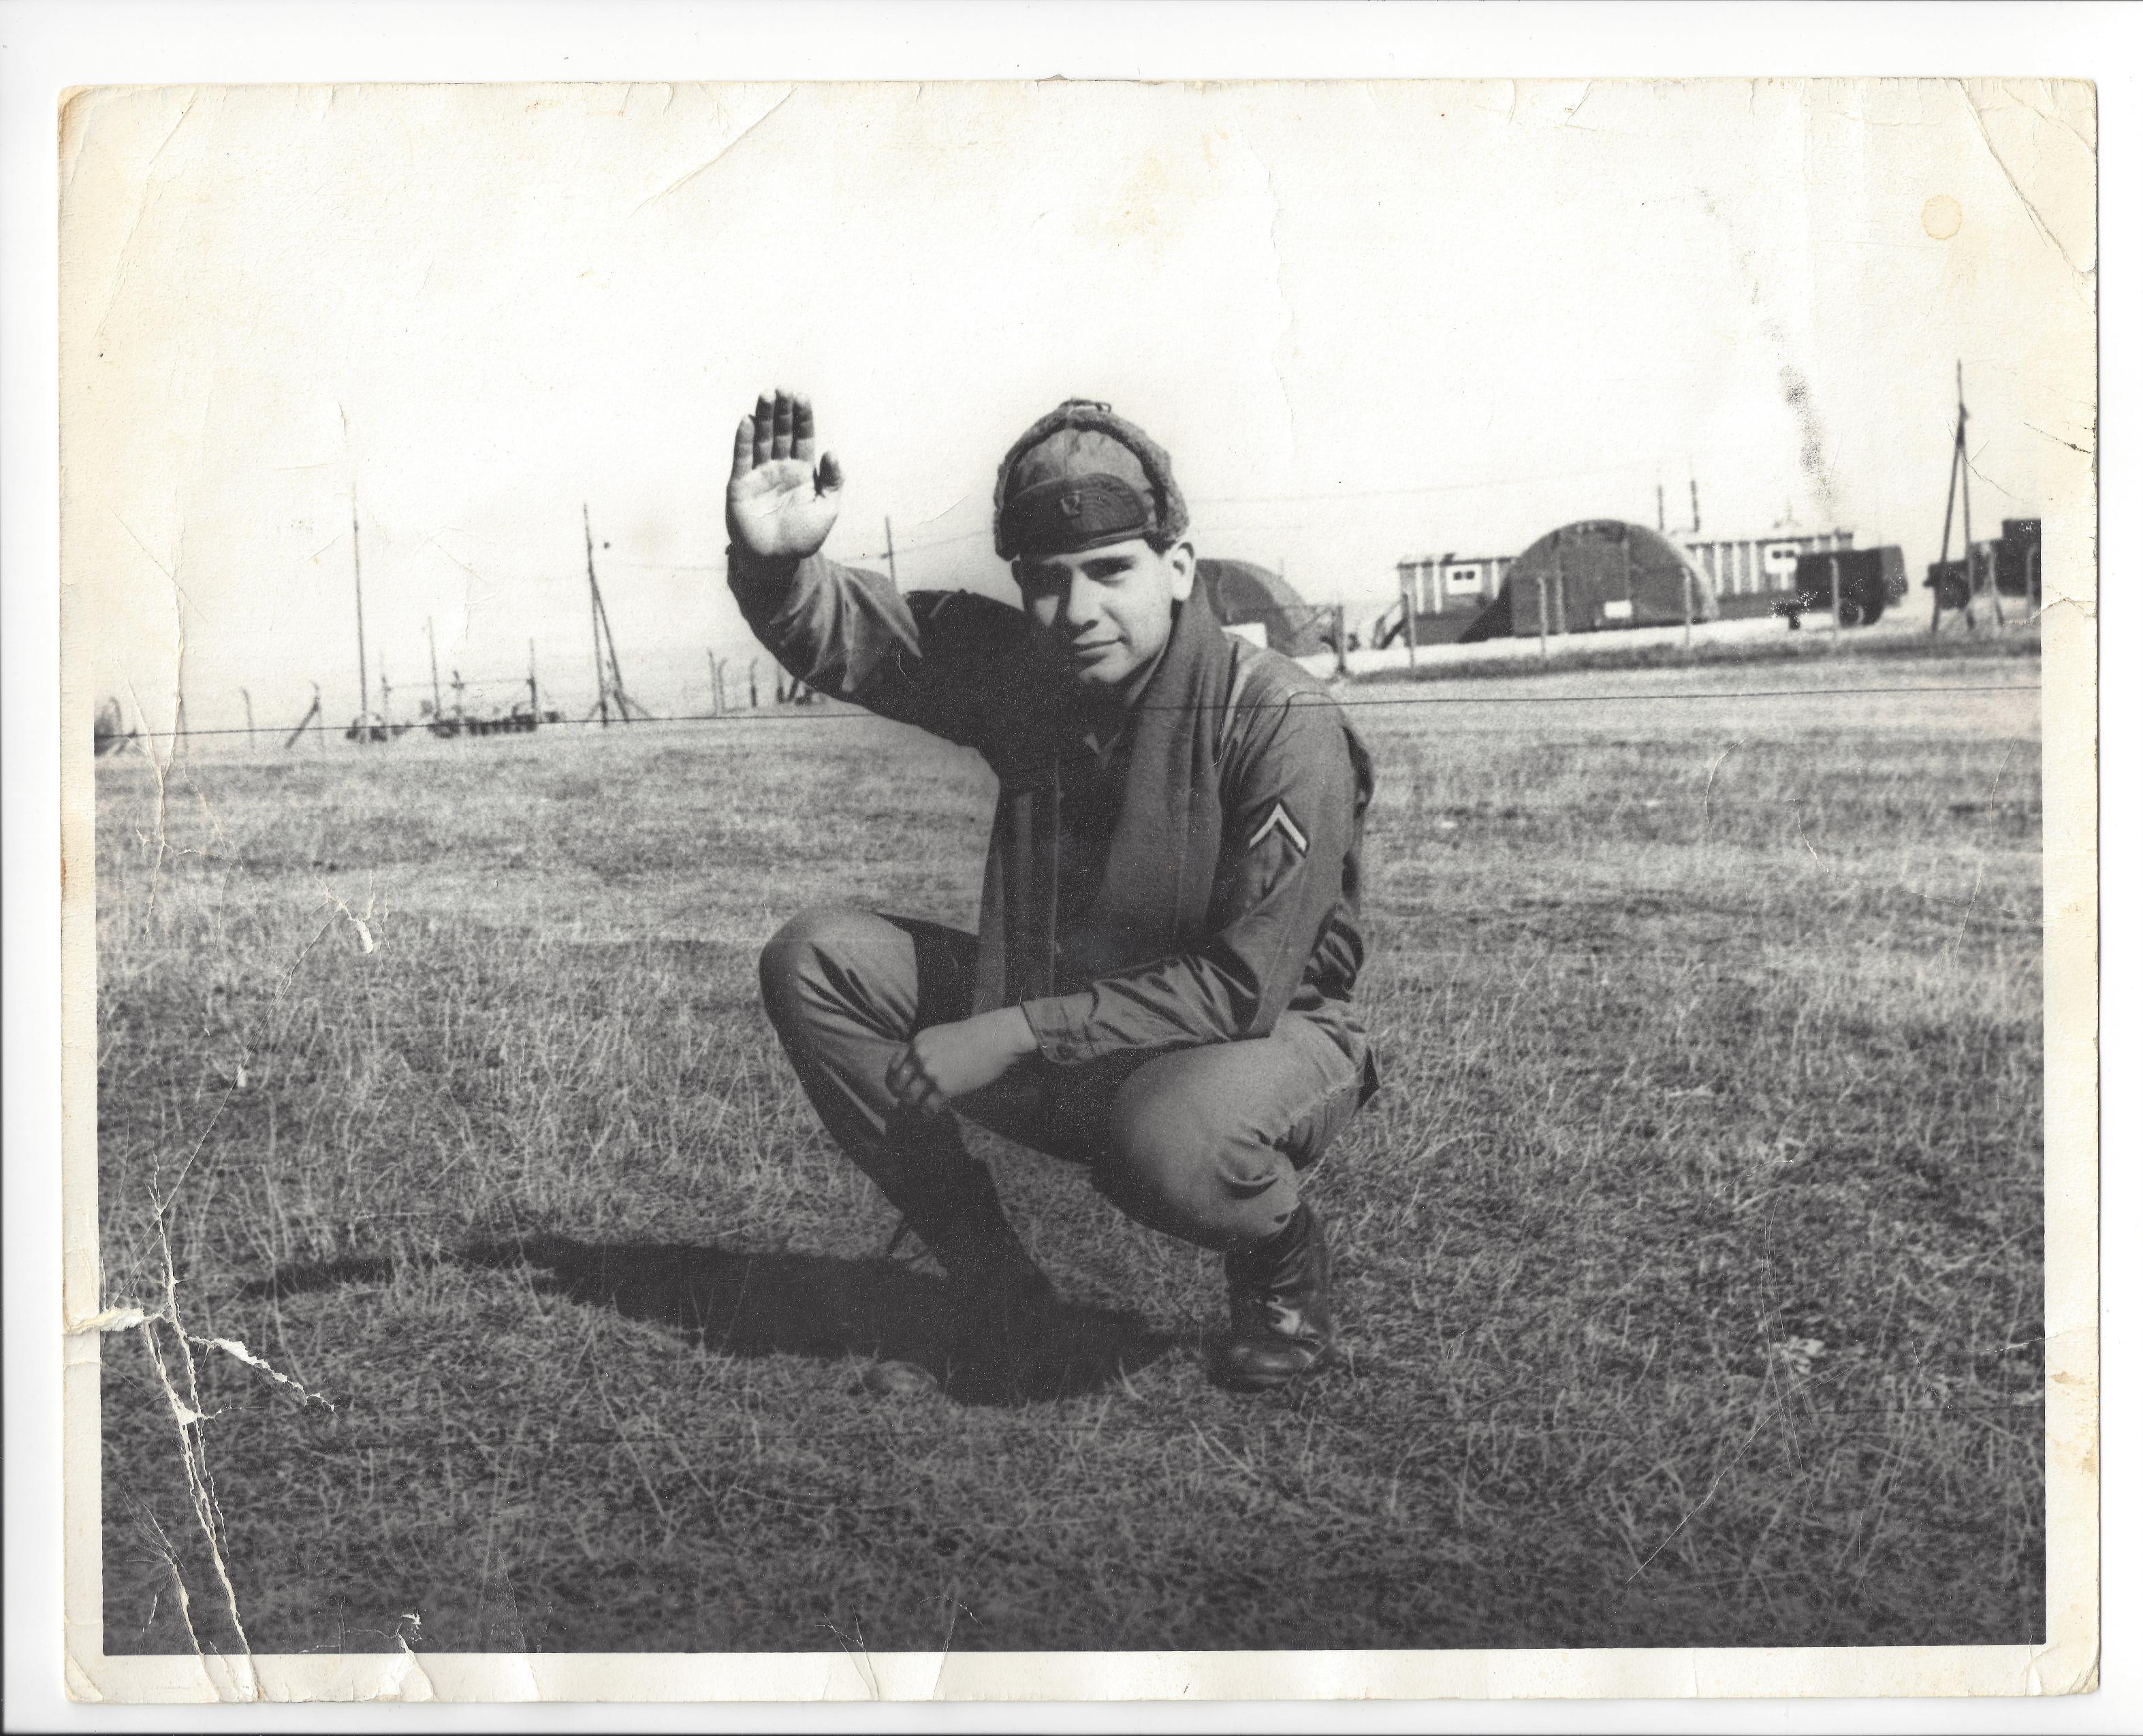 Dick Moran